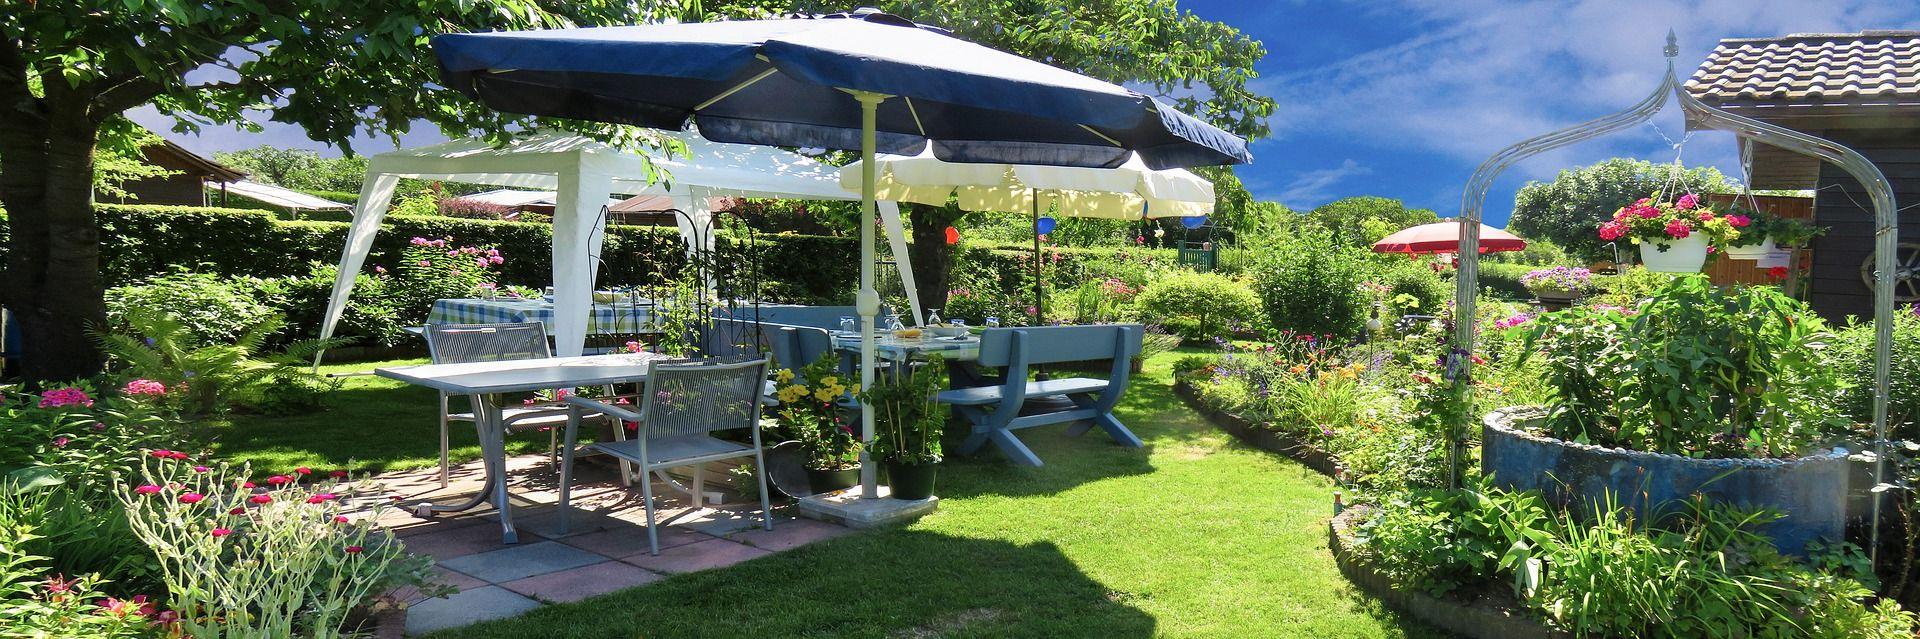 Summerlife, Grillen und Gartenpartys